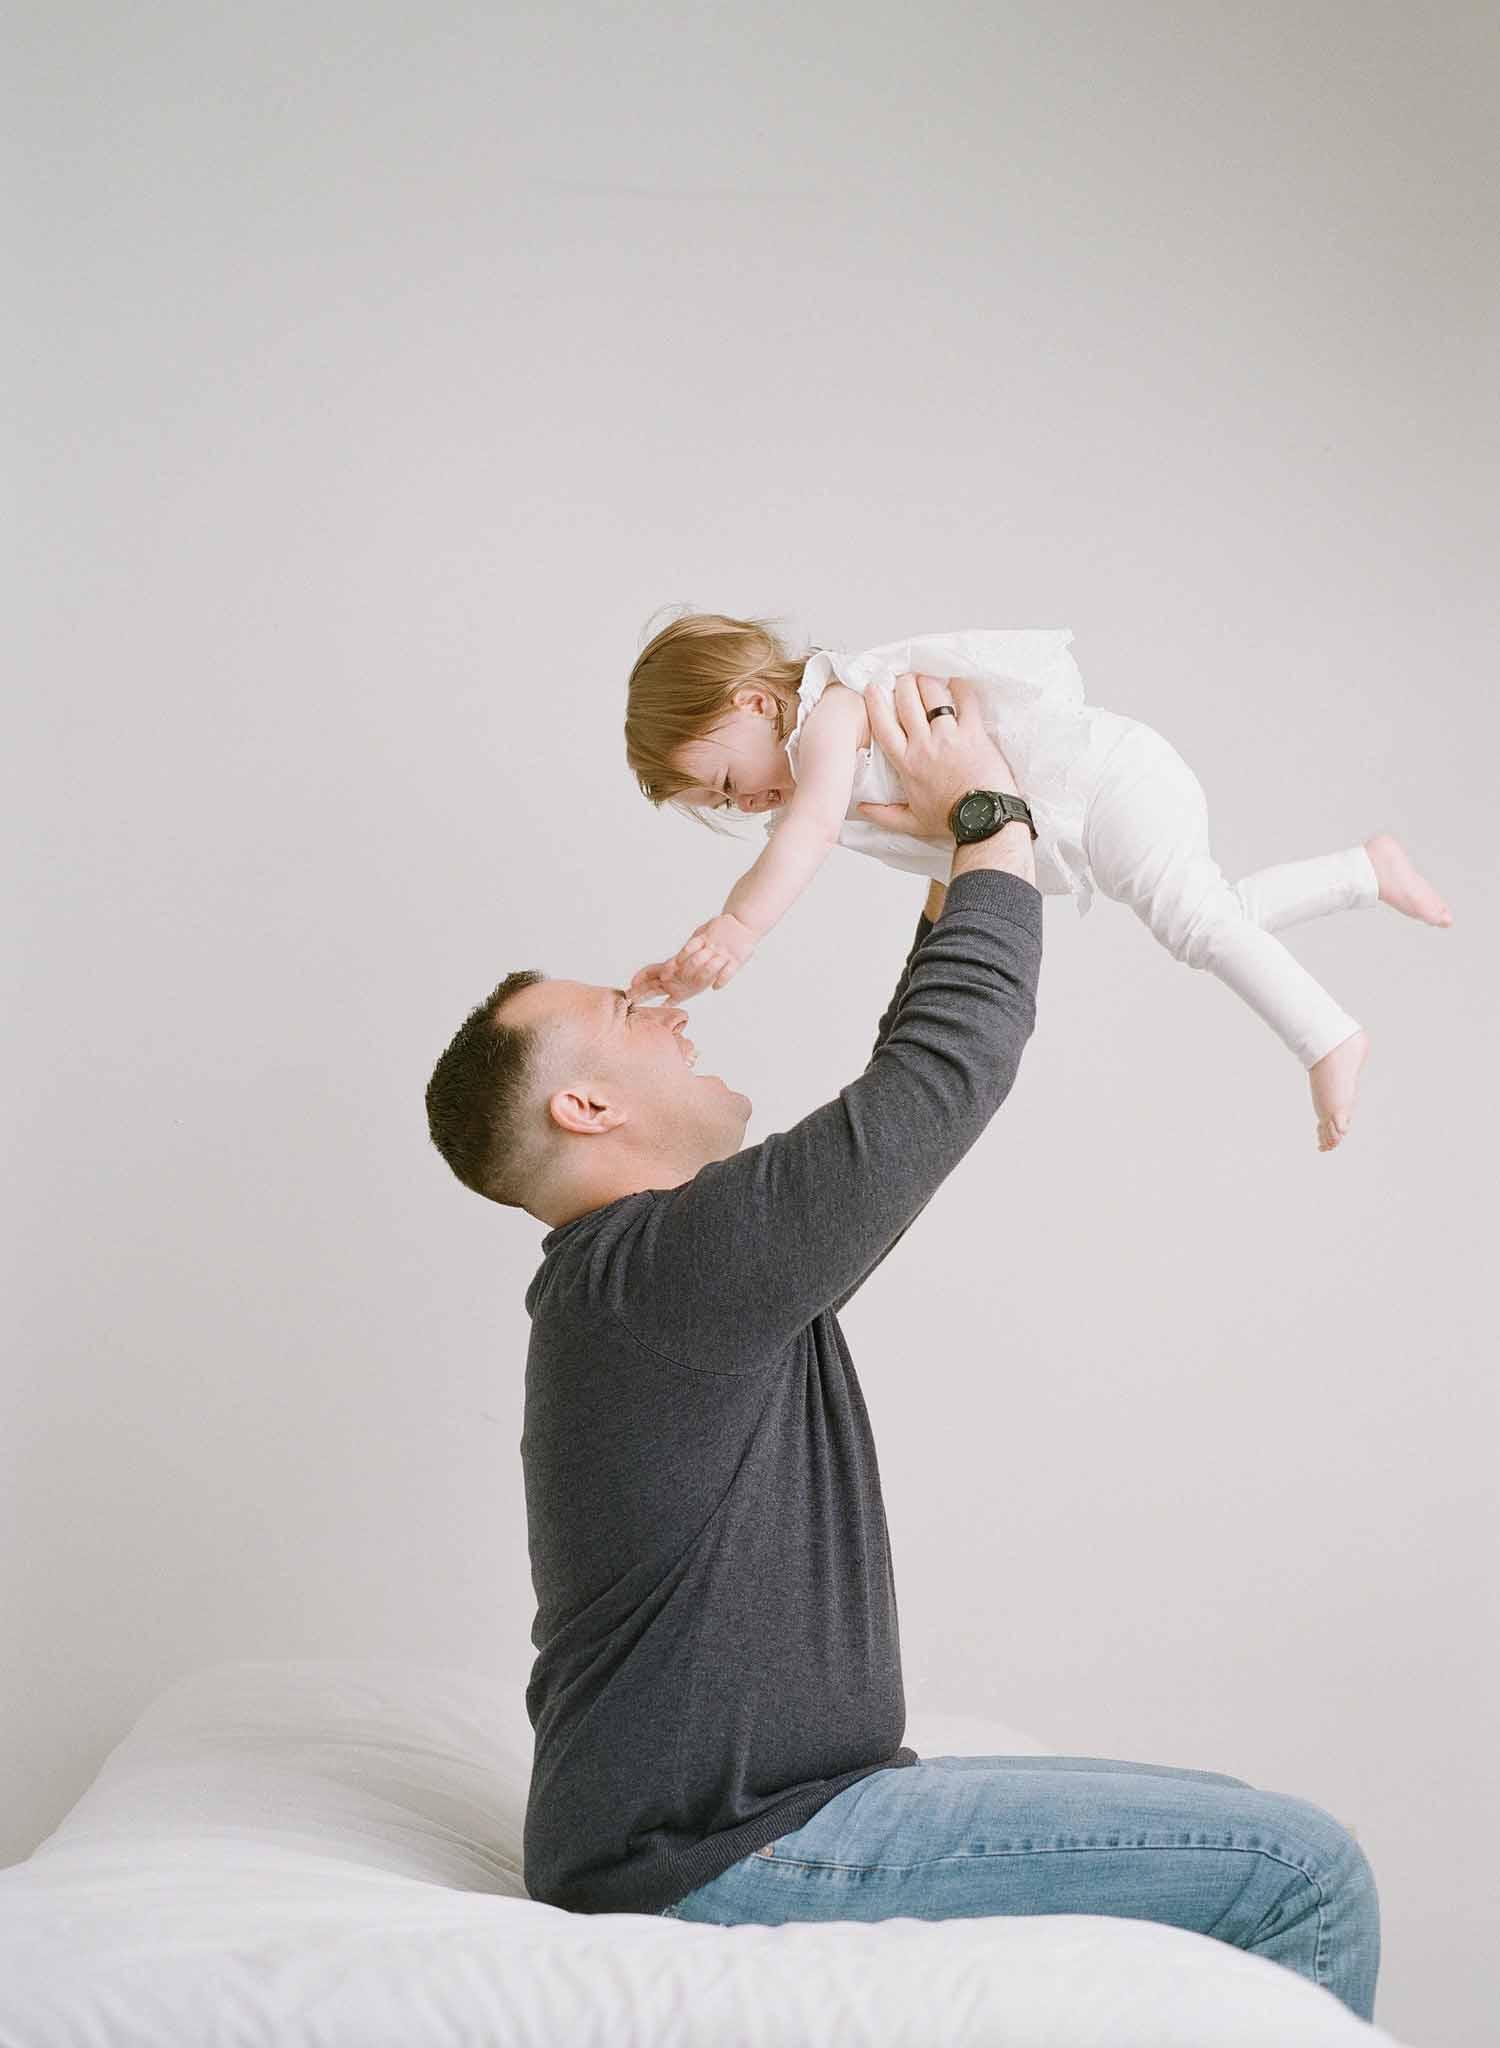 månedsbilleder babyer